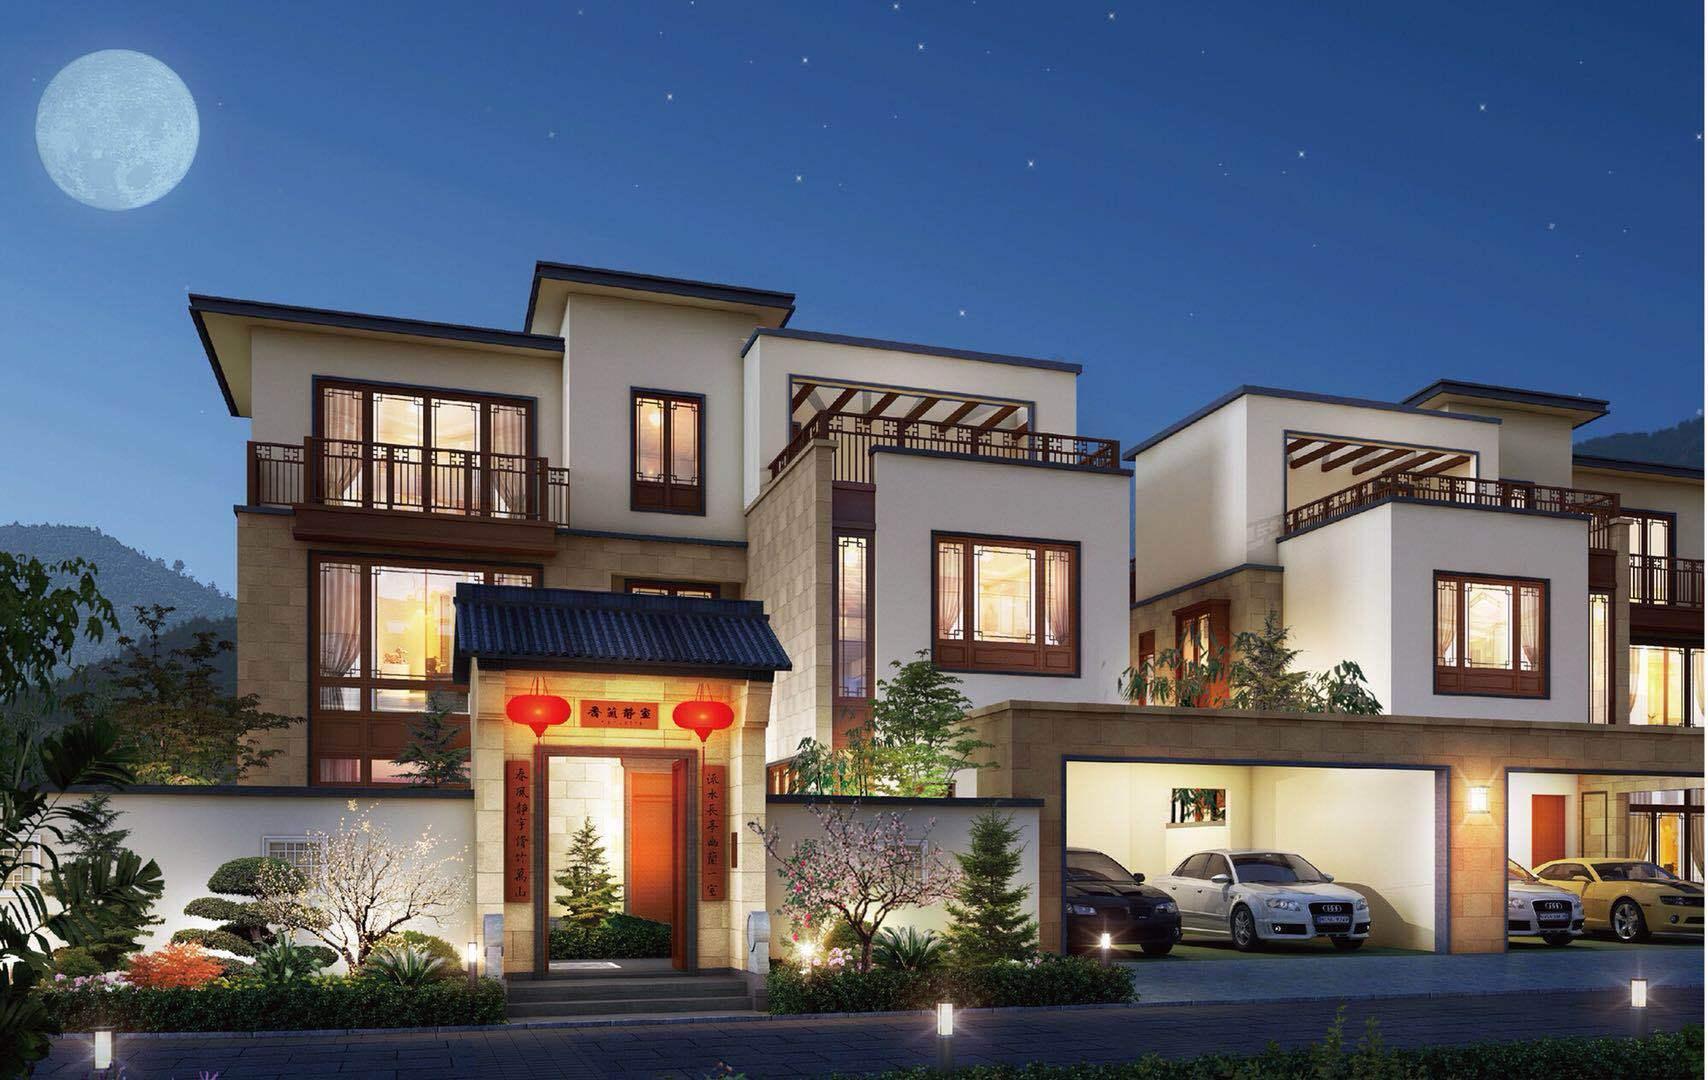 惠州别墅-方圆东江月岛楼盘,打造片区首个新中式合院别墅图片